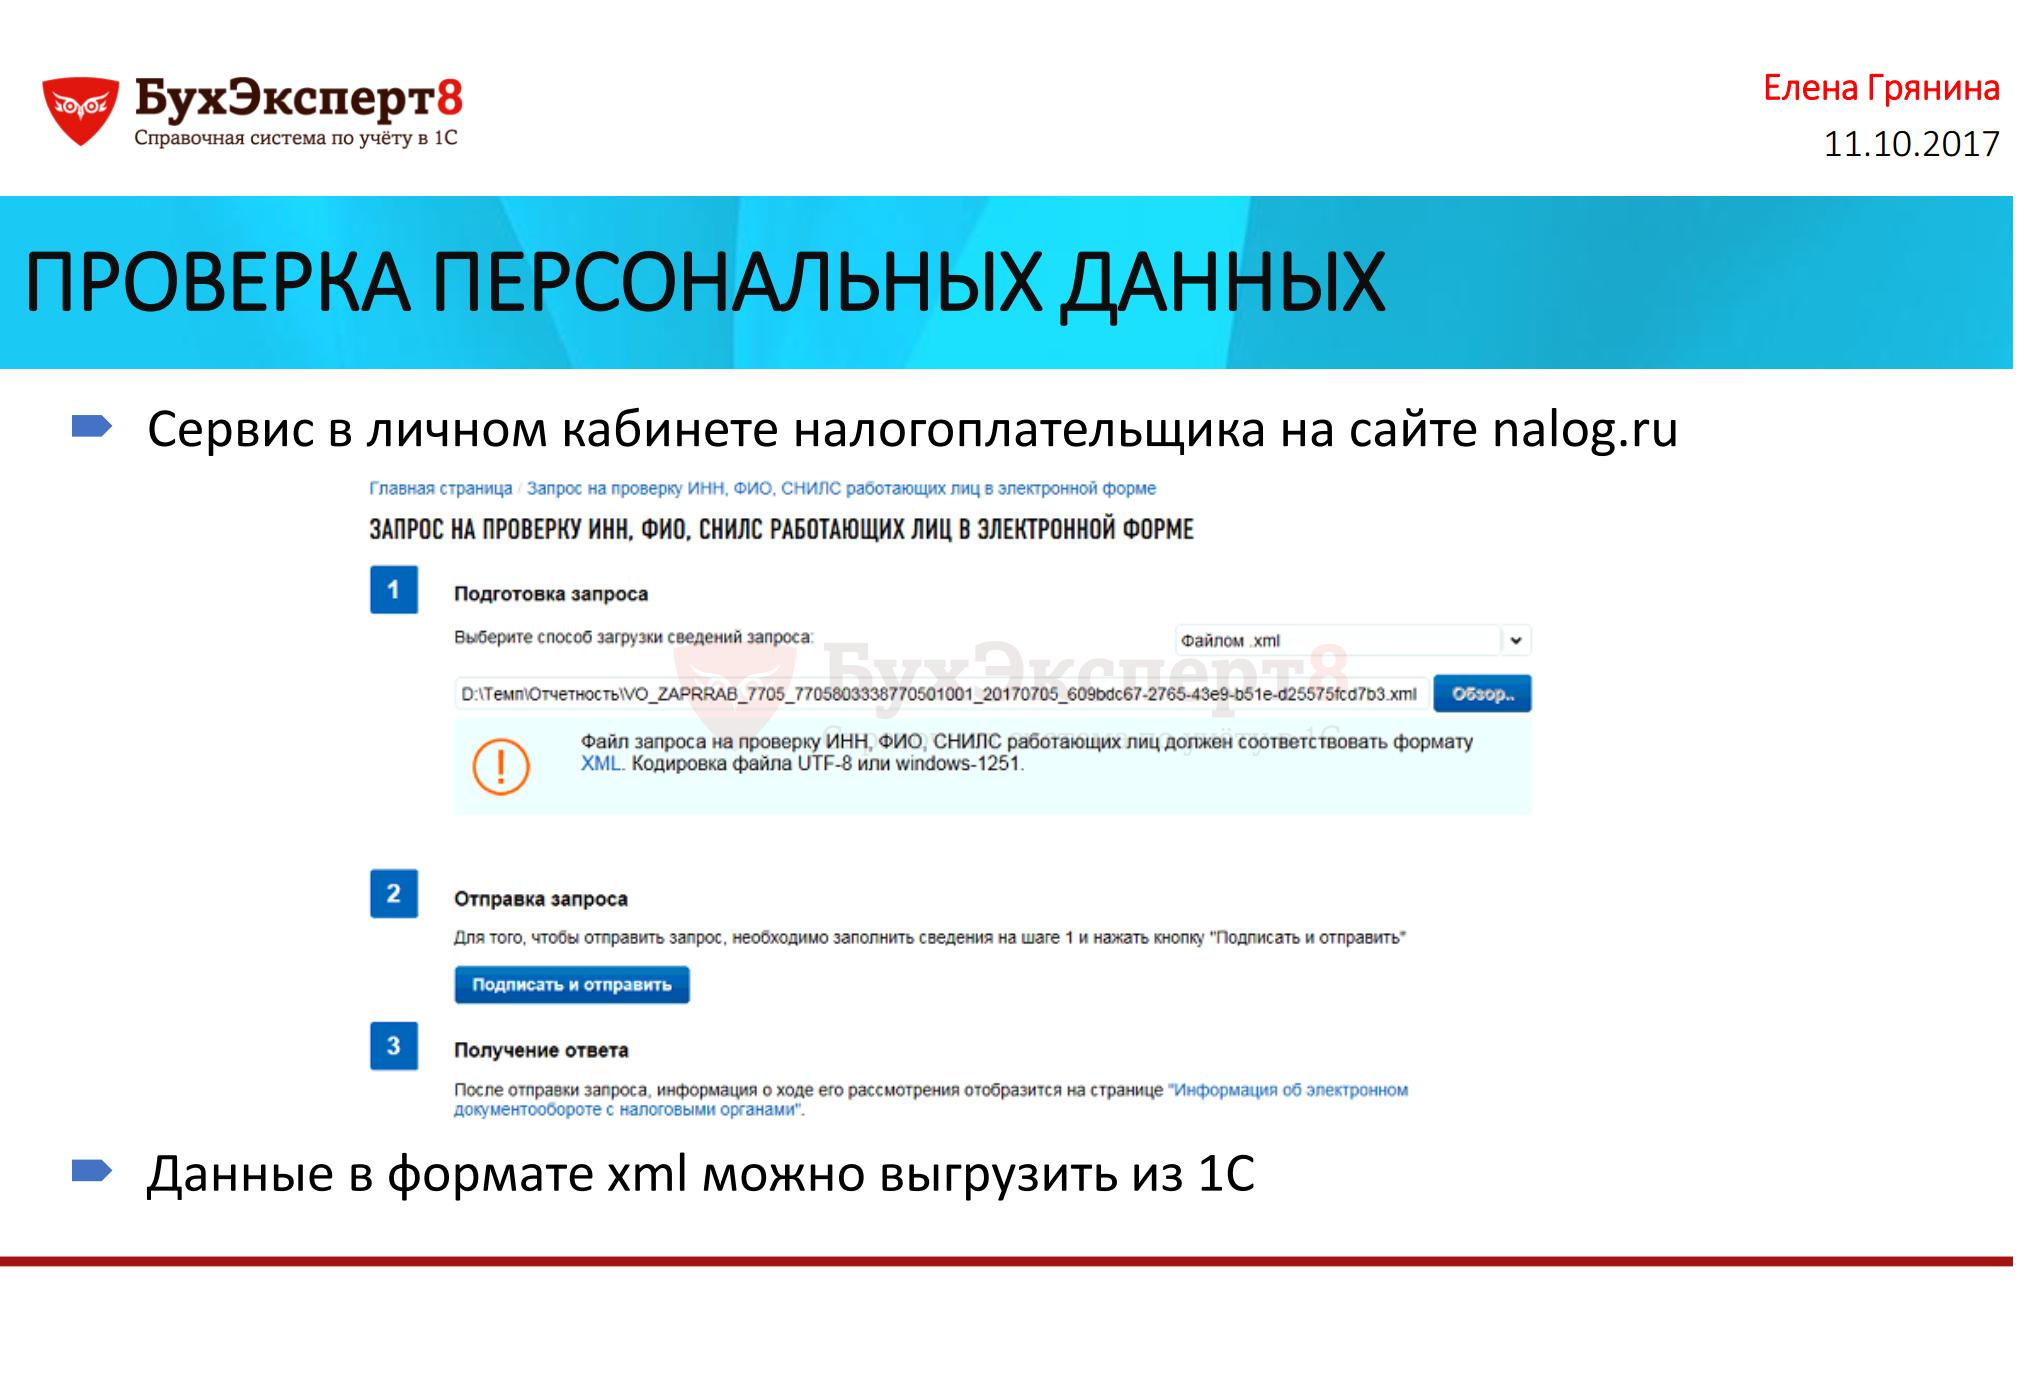 ПРОВЕРКА ПЕРСОНАЛЬНЫХ ДАННЫХ Сервис в личном кабинете налогоплательщика на сайте nalog.ru Данные в формате xml можно выгрузить из 1С